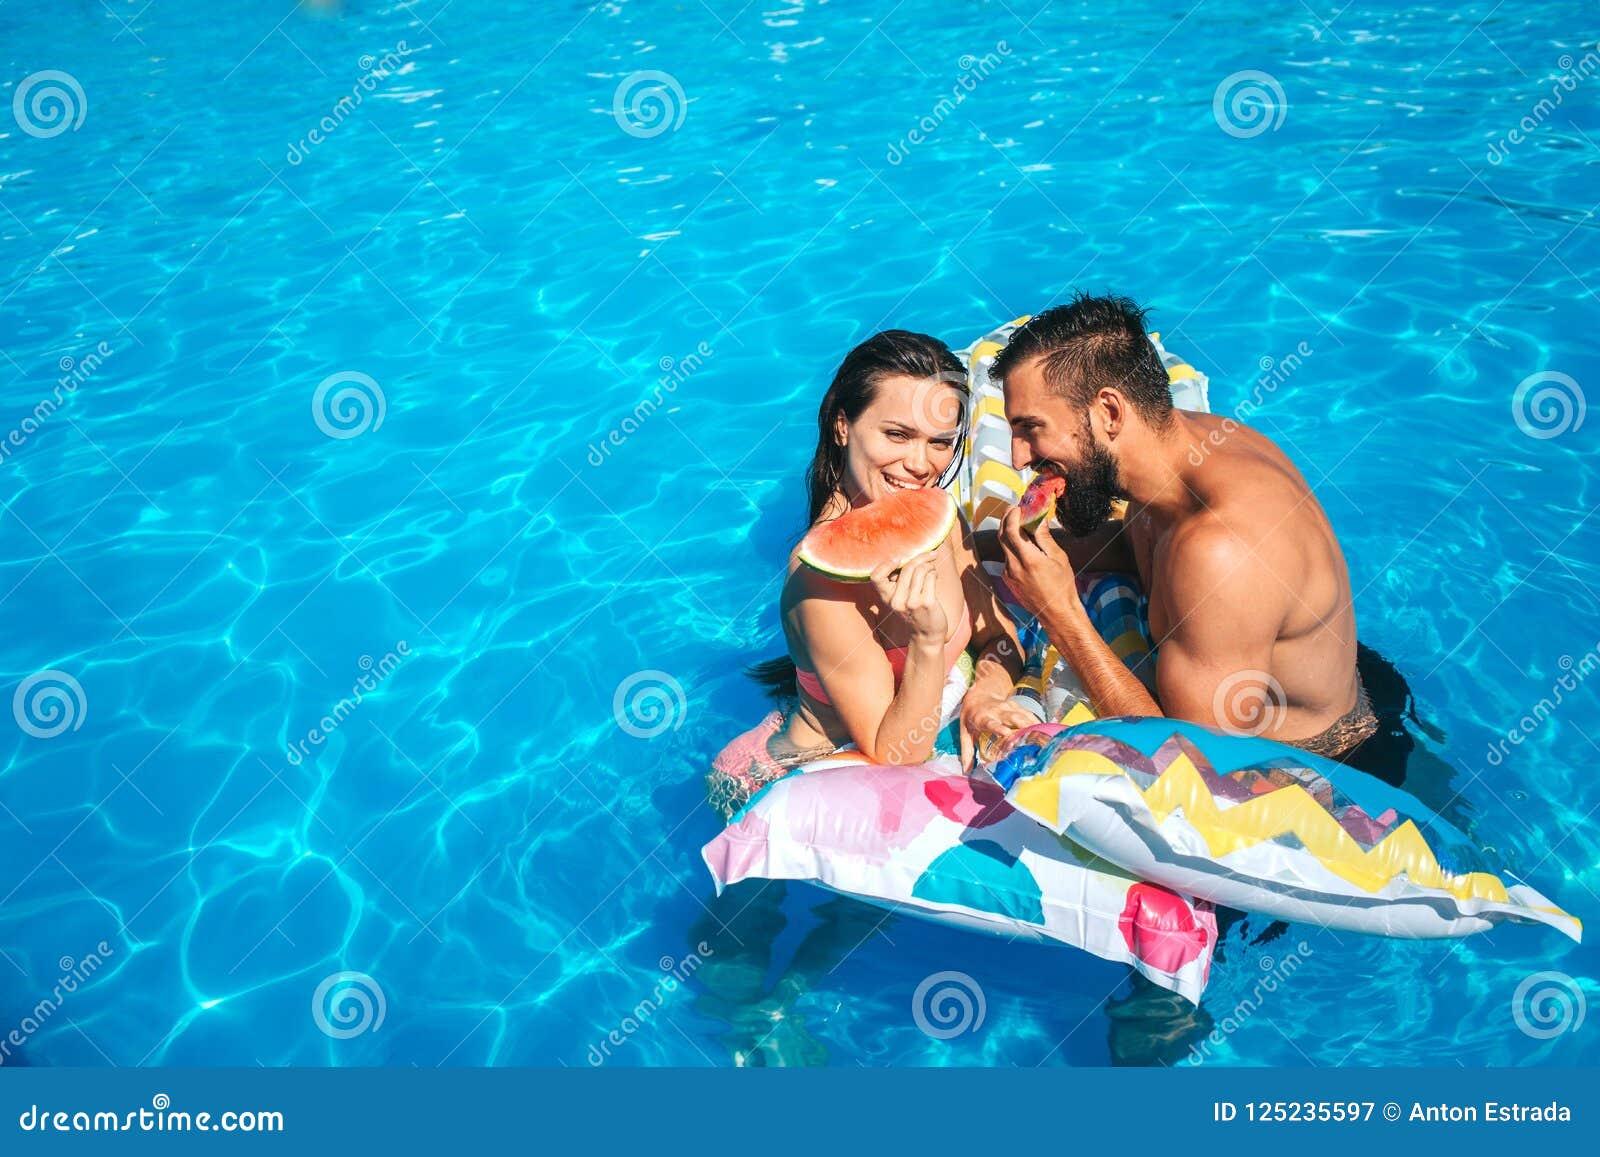 Славное изображение пар полагаясь к тюфяку воздуха и есть арбуз Они смотрят один другого Пара полагается для того чтобы проветрит